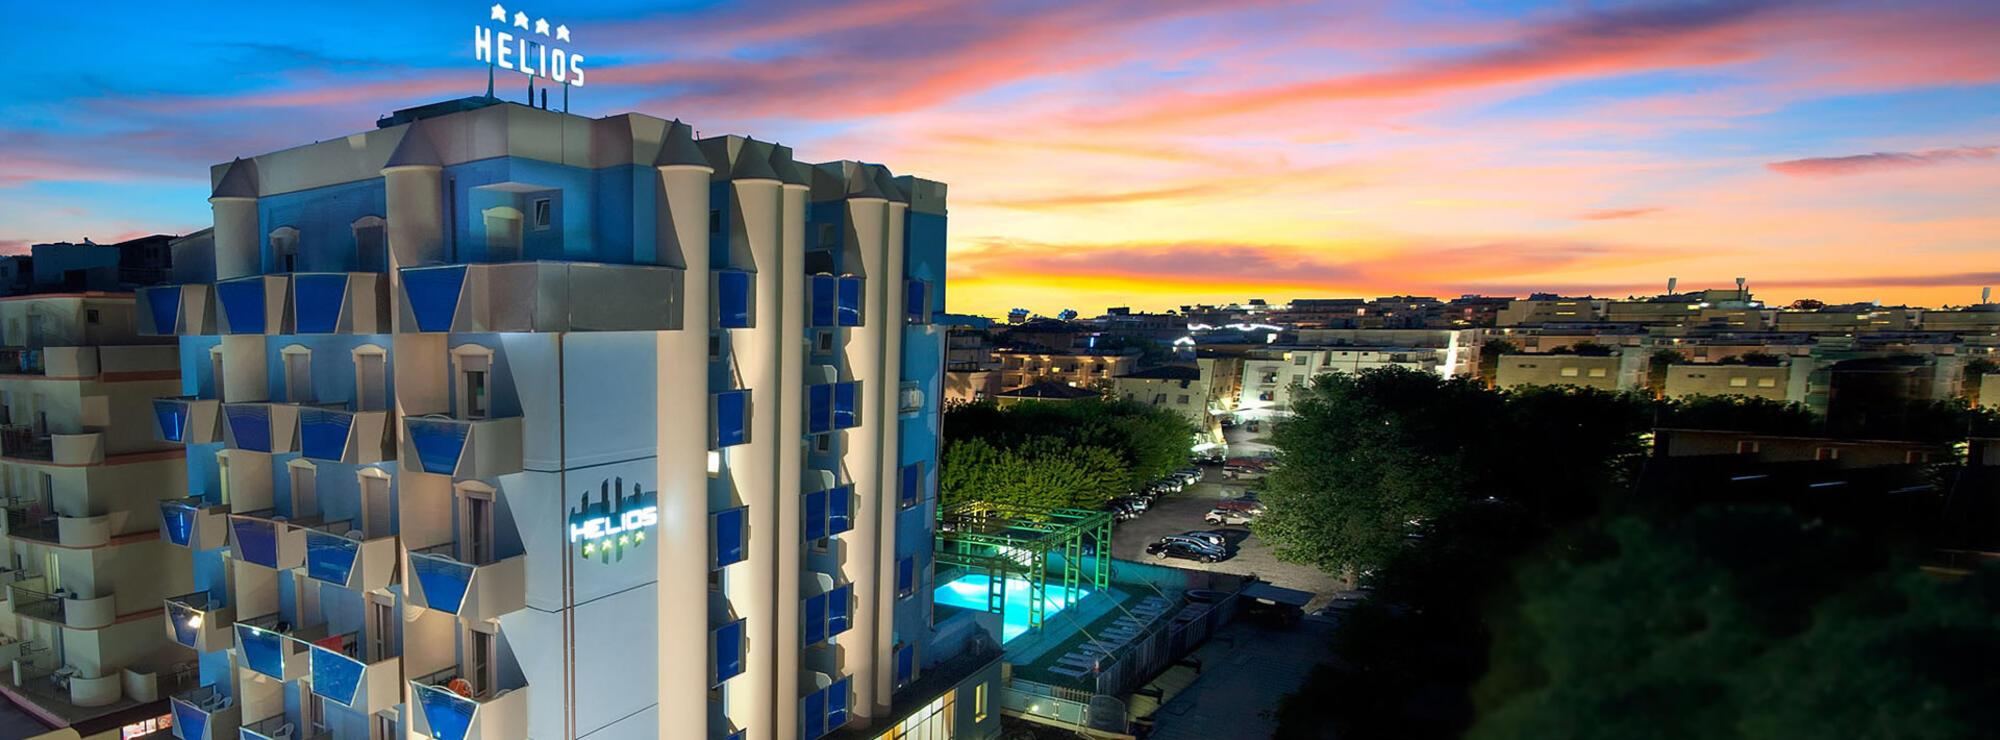 Hotel 4 stelle rimini helios albergo con piscina sul mare - Hotel rivazzurra con piscina ...